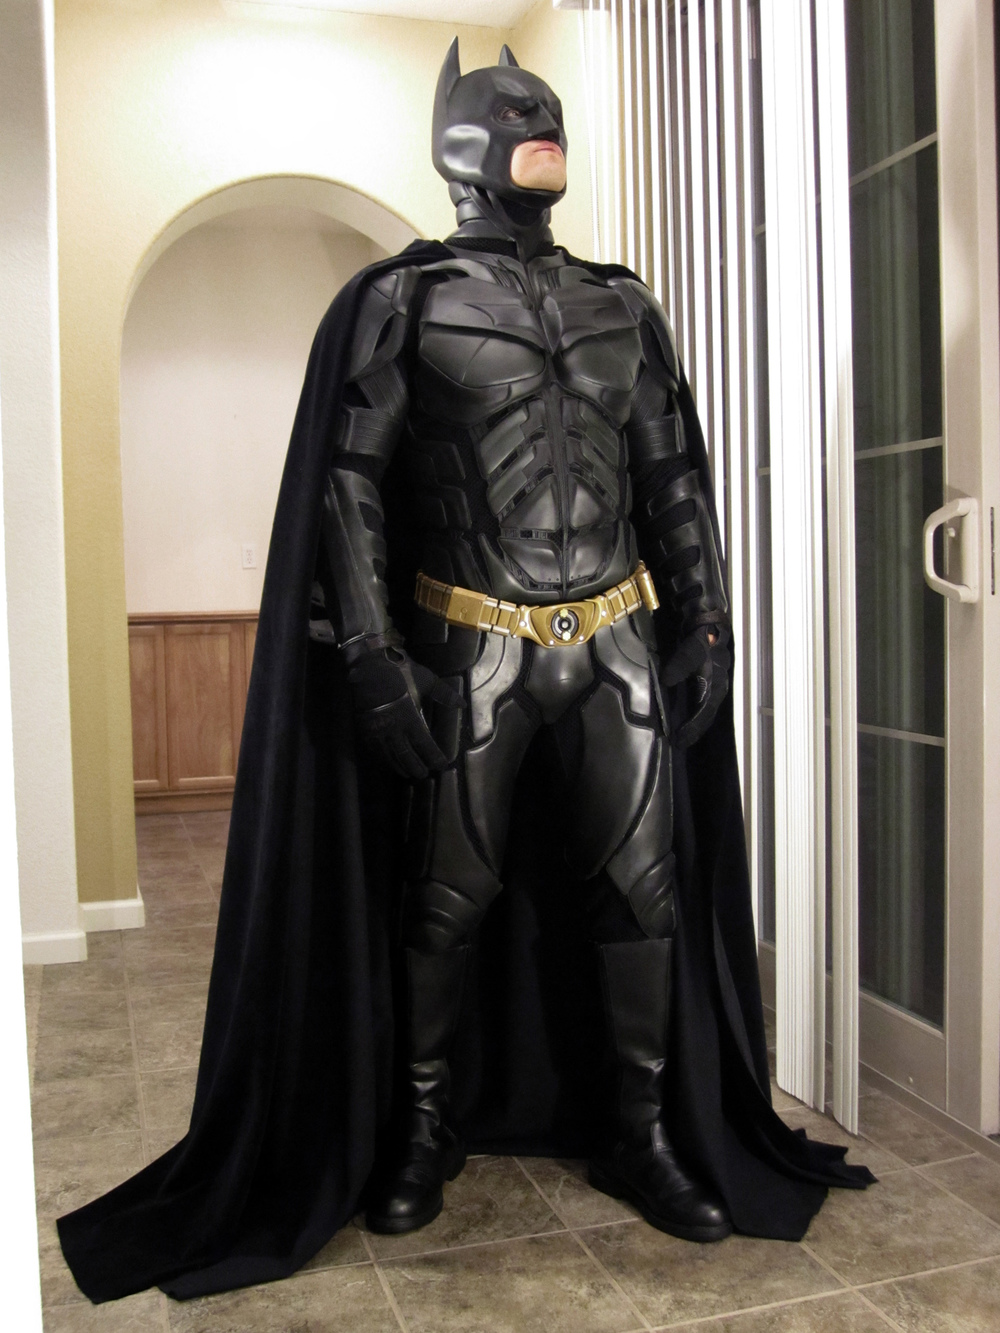 Batman Batsuit Replica | www.pixshark.com - Images ...